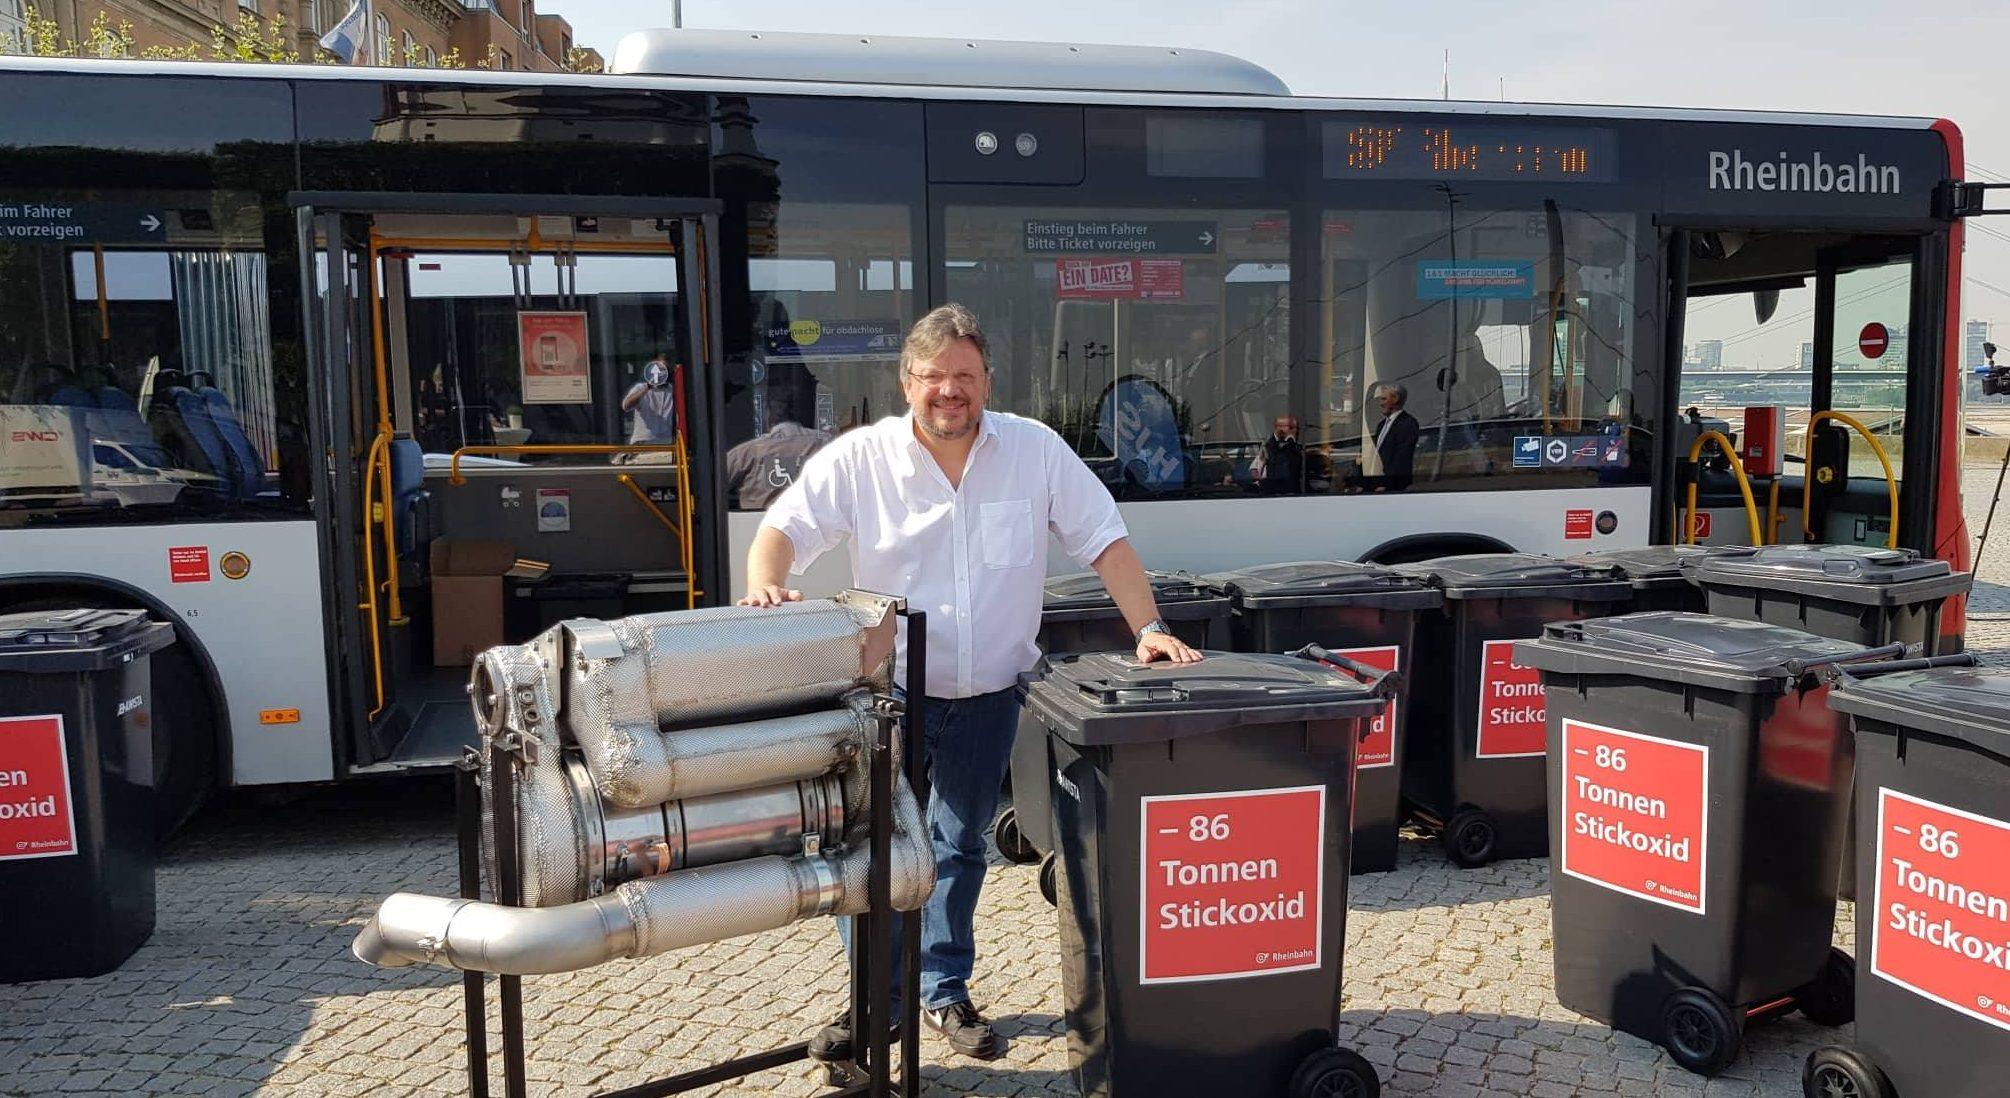 Bund fördert die zügige Umrüstung von Diesel-Bussen bei der Rheinbahn